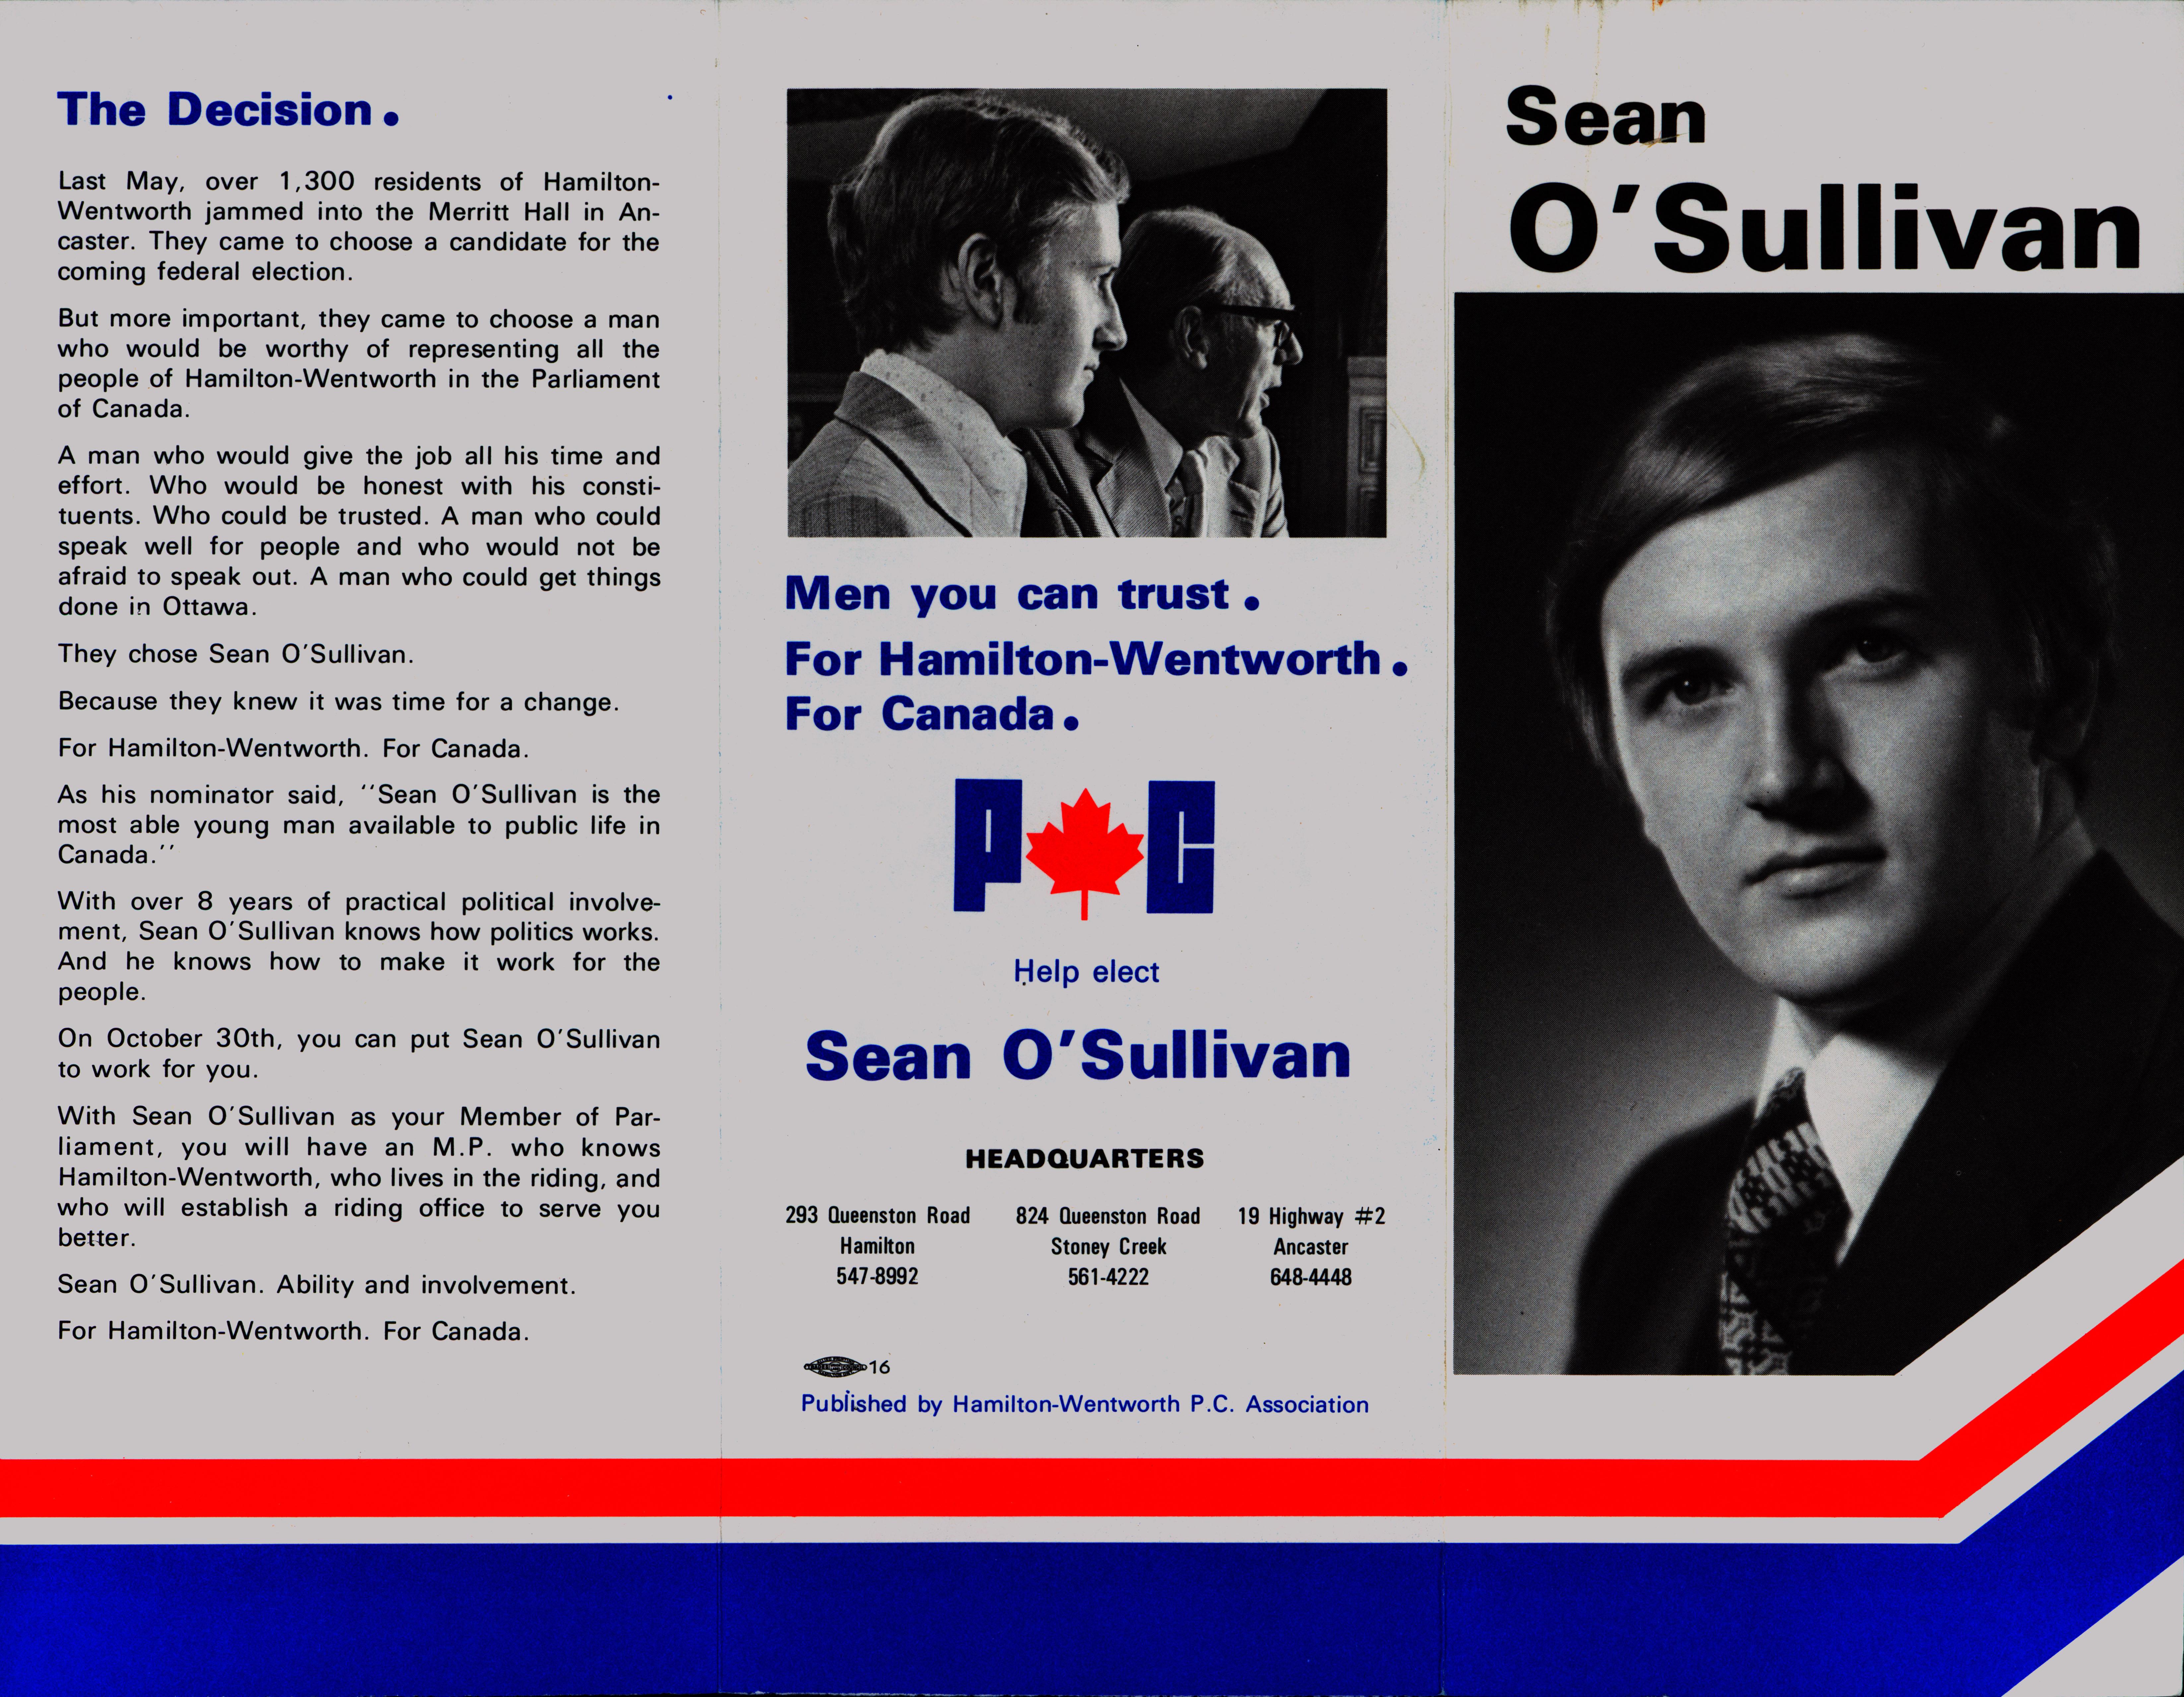 Sean O'Sullivan Campaign Election Brochure